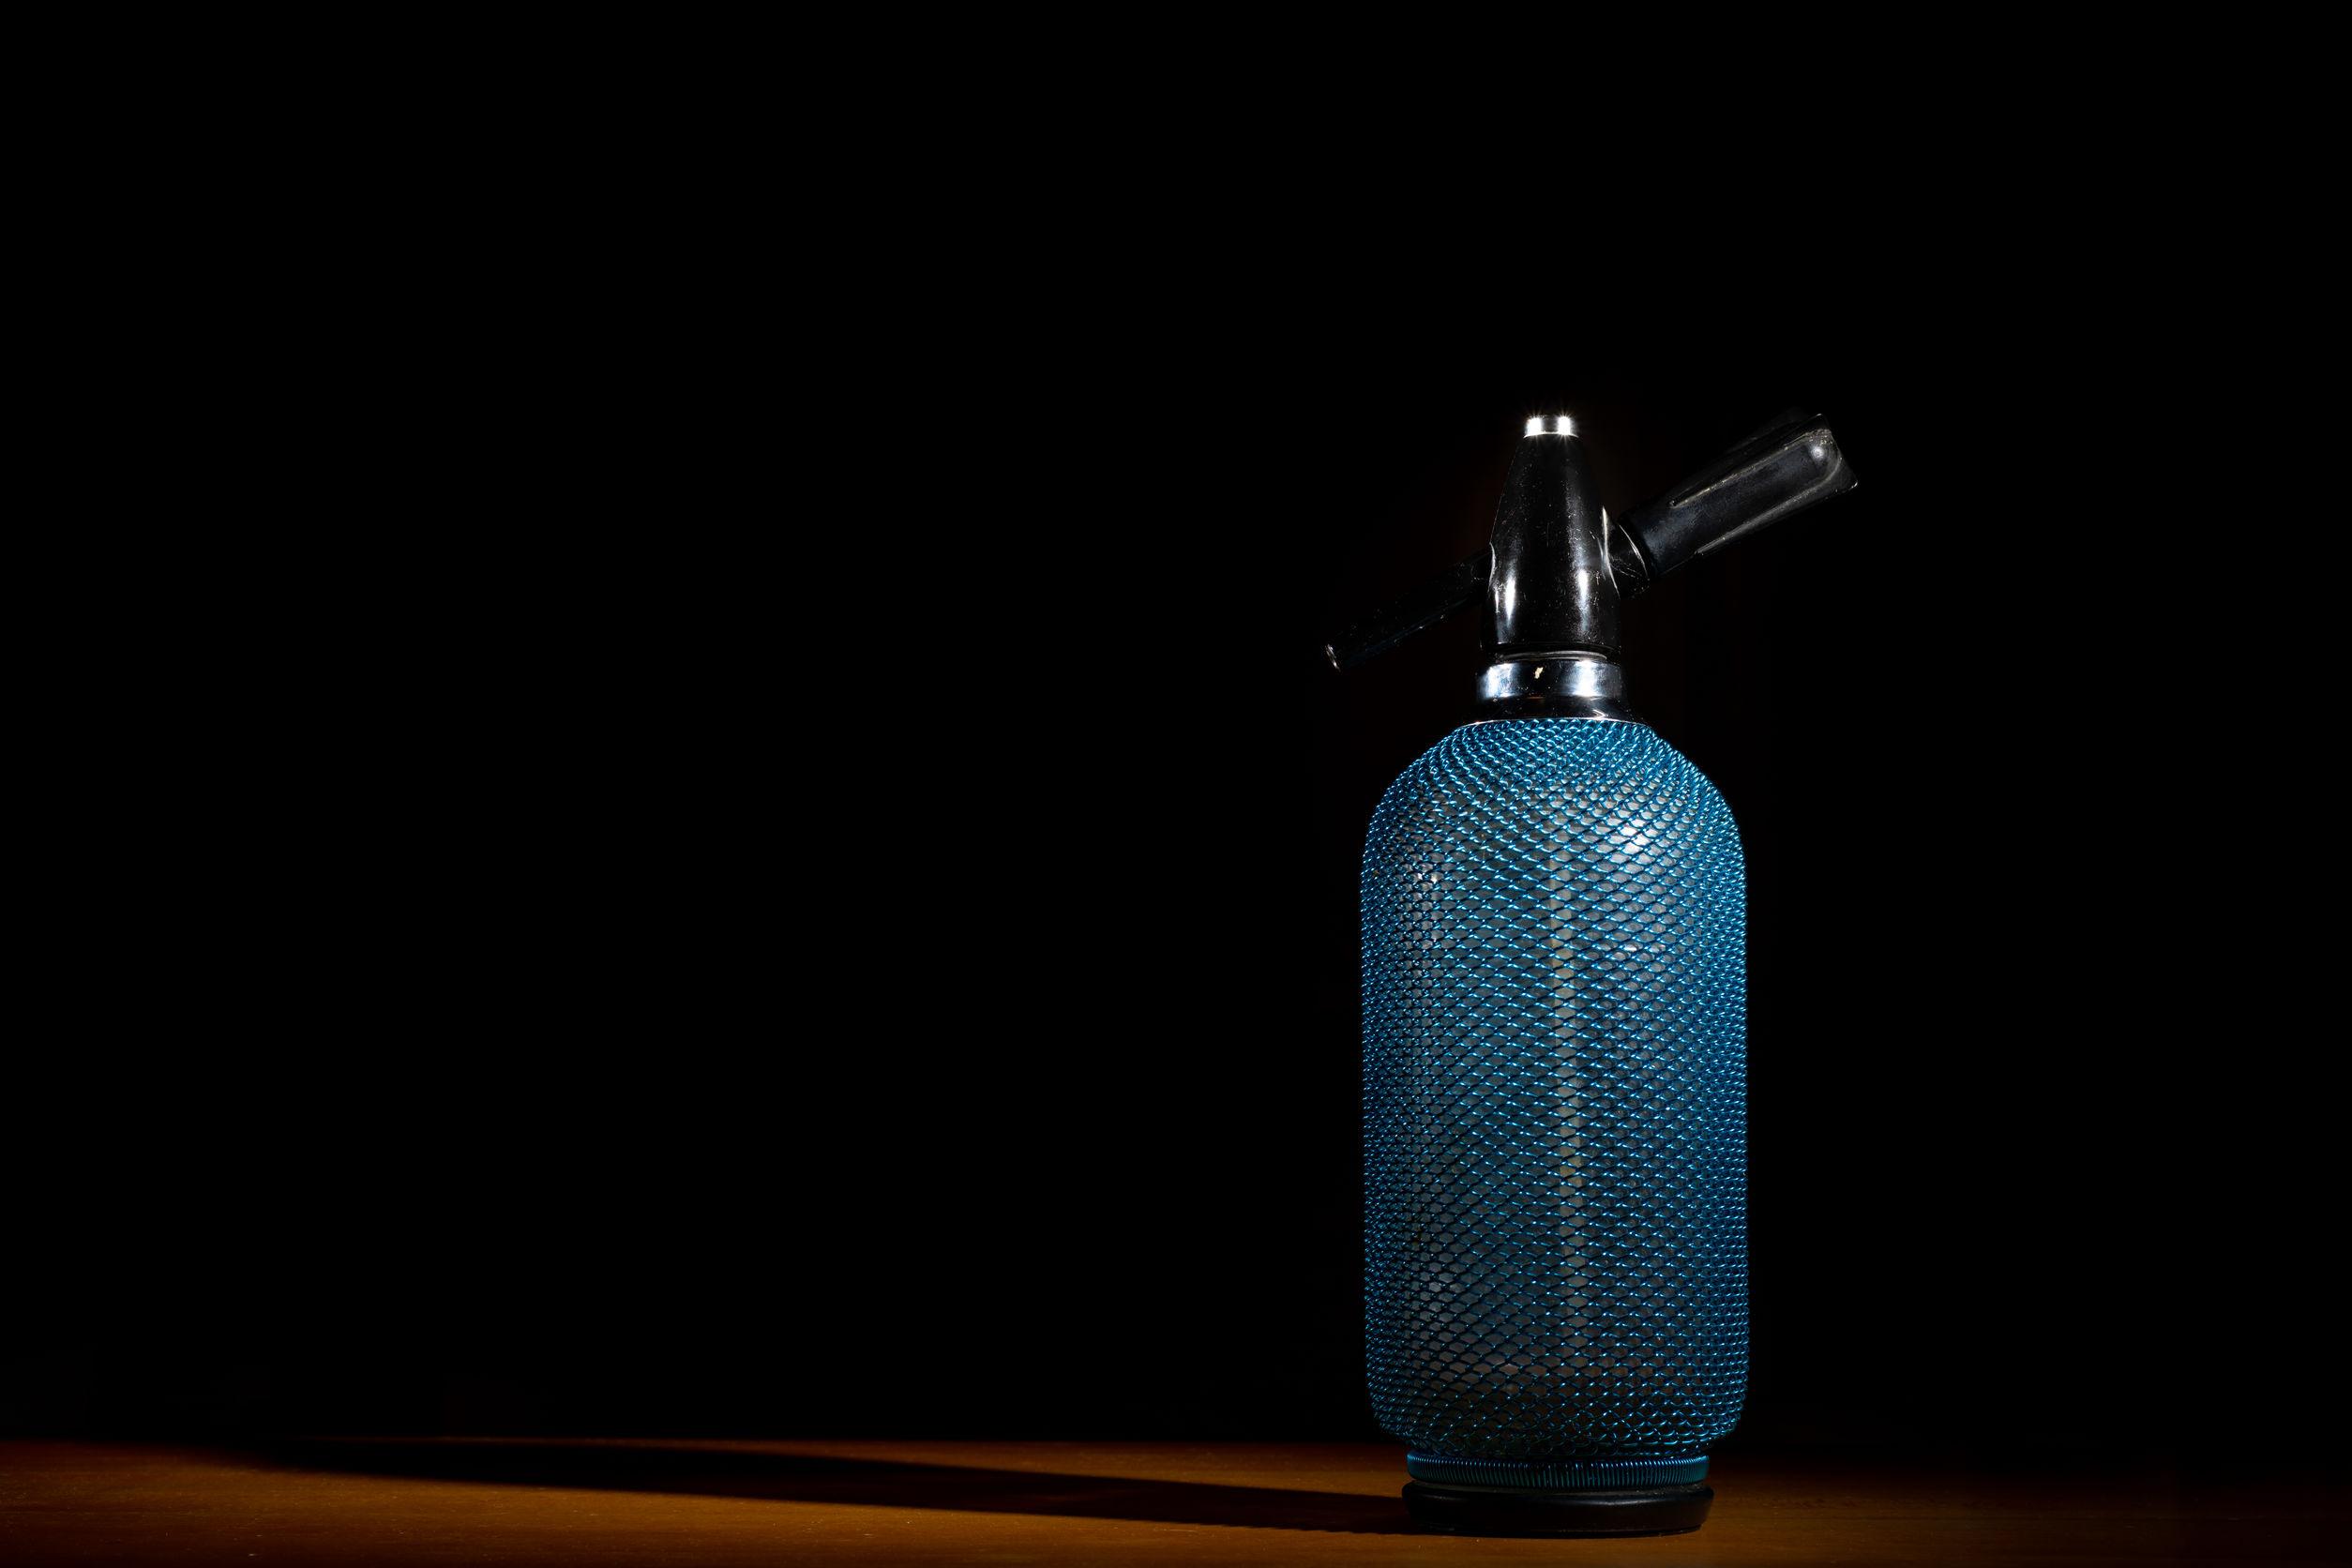 Kitchenaid Wassersprudler: Test & Empfehlungen (08/20)